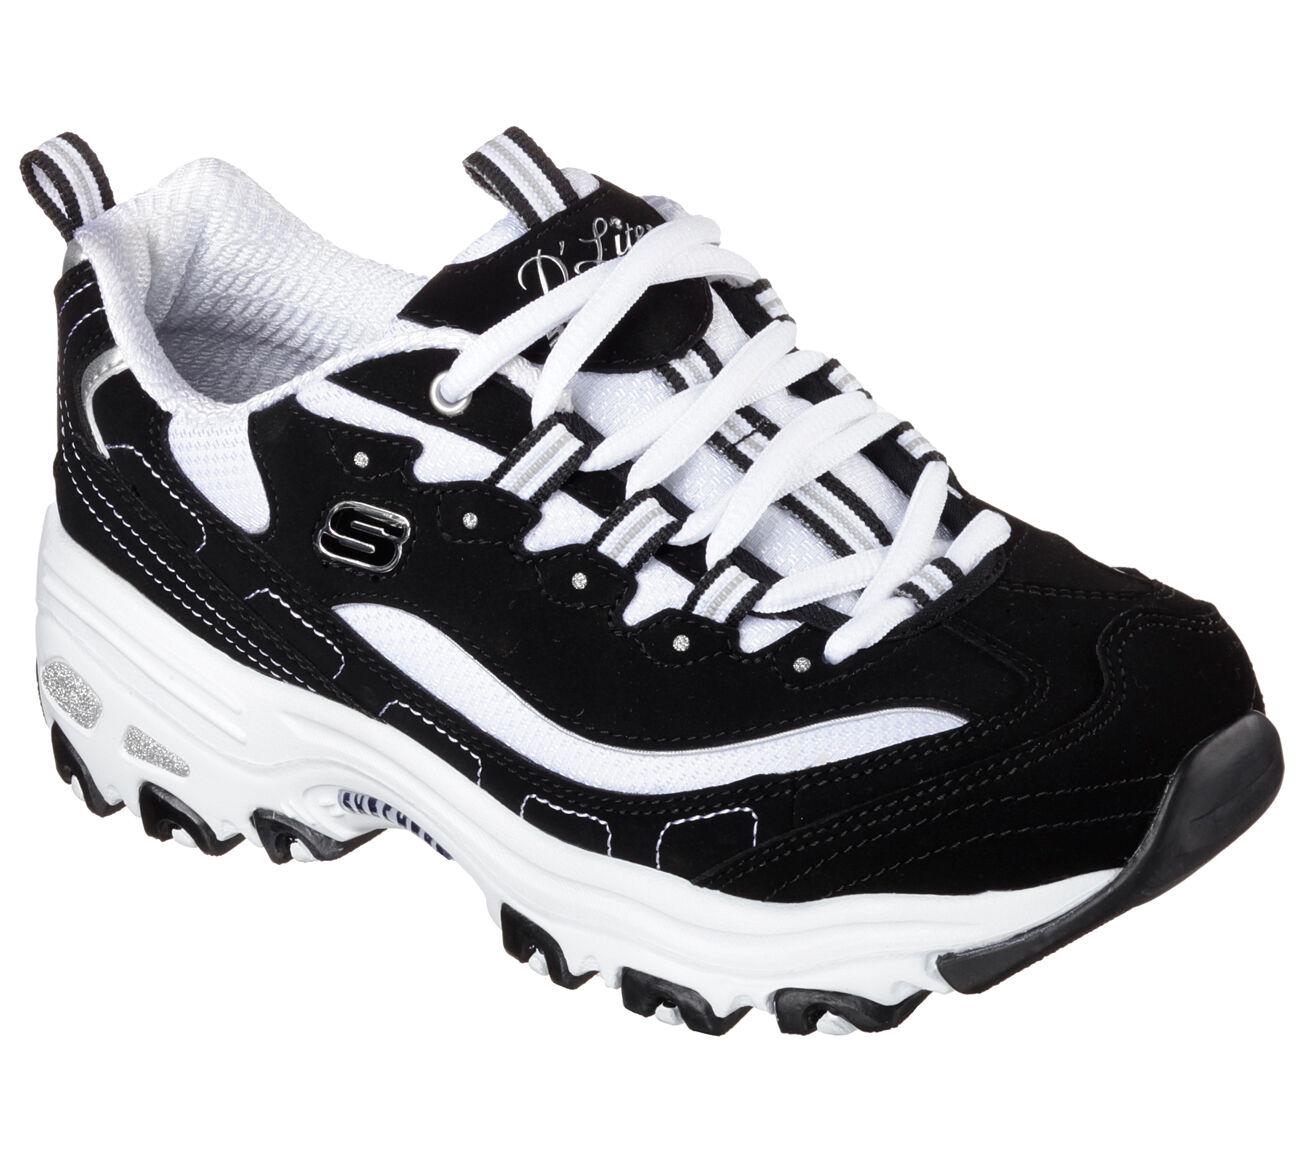 11930 BKW Negro Dlites Skechers Skechers Skechers Zapatos Mujer Sport Casual Comfort de espuma de memoria NUEVO  Envío y cambio gratis.